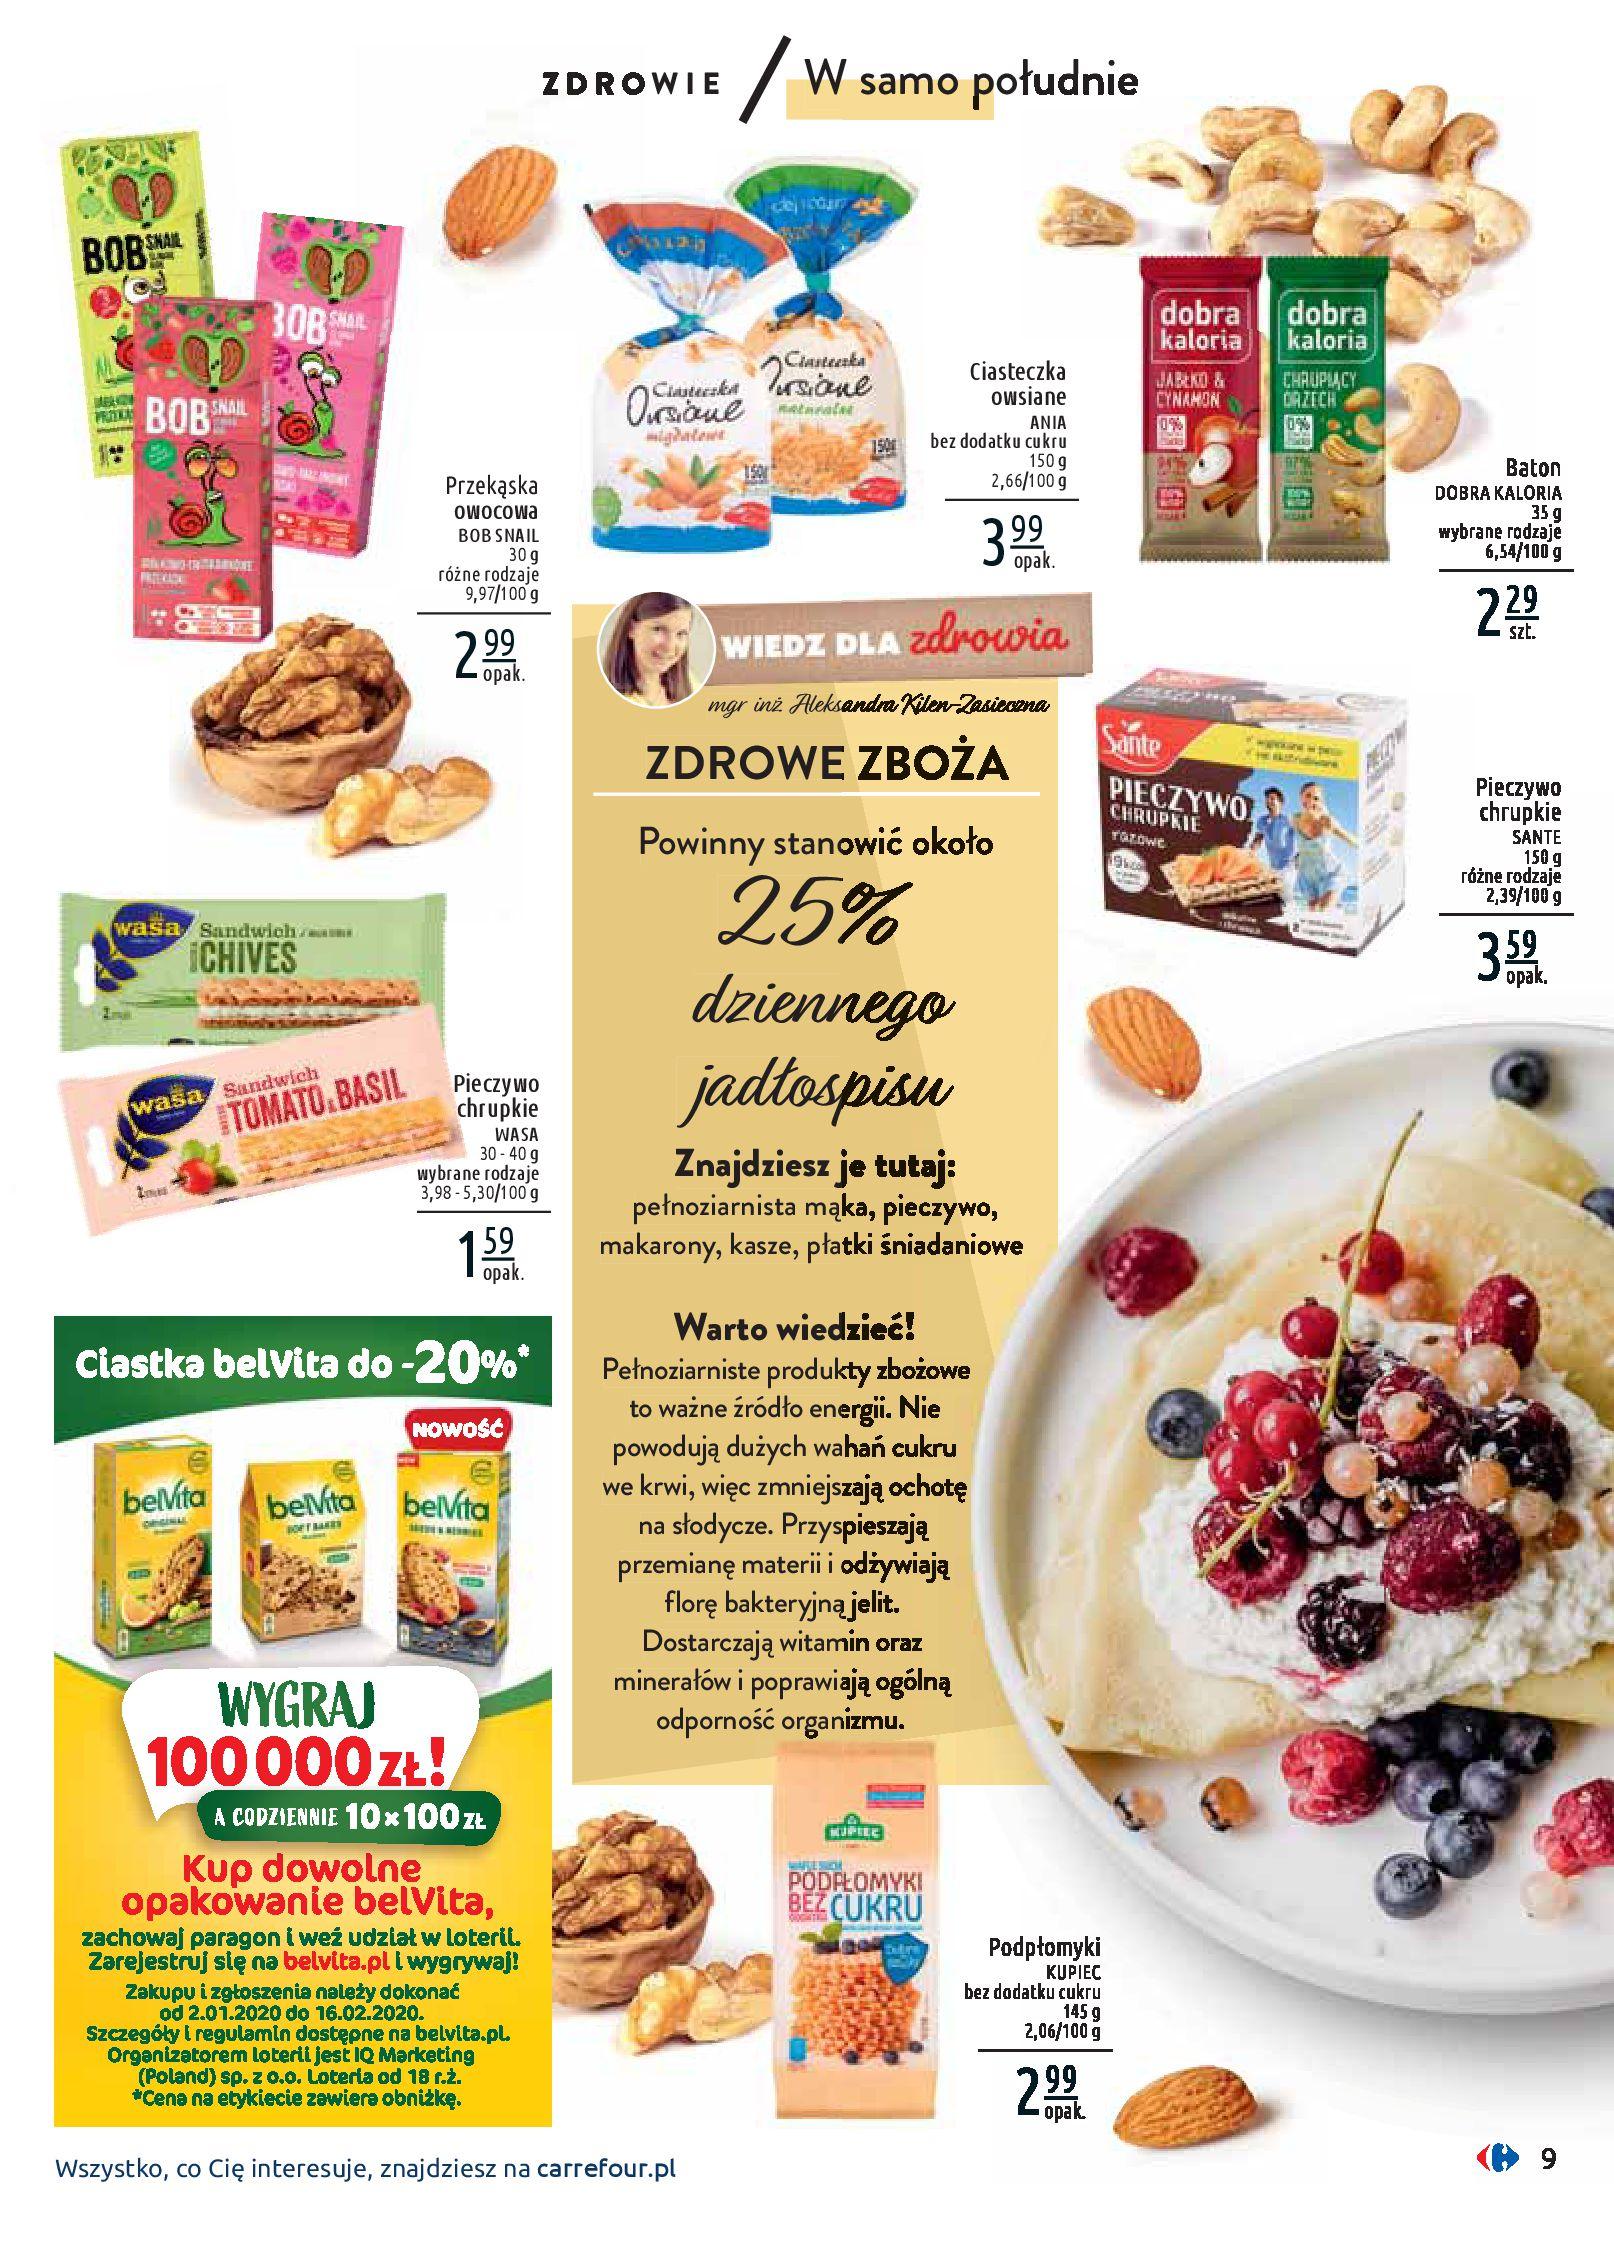 Gazetka Carrefour - Wiedz dla zdrowia-07.01.2020-18.01.2020-page-9